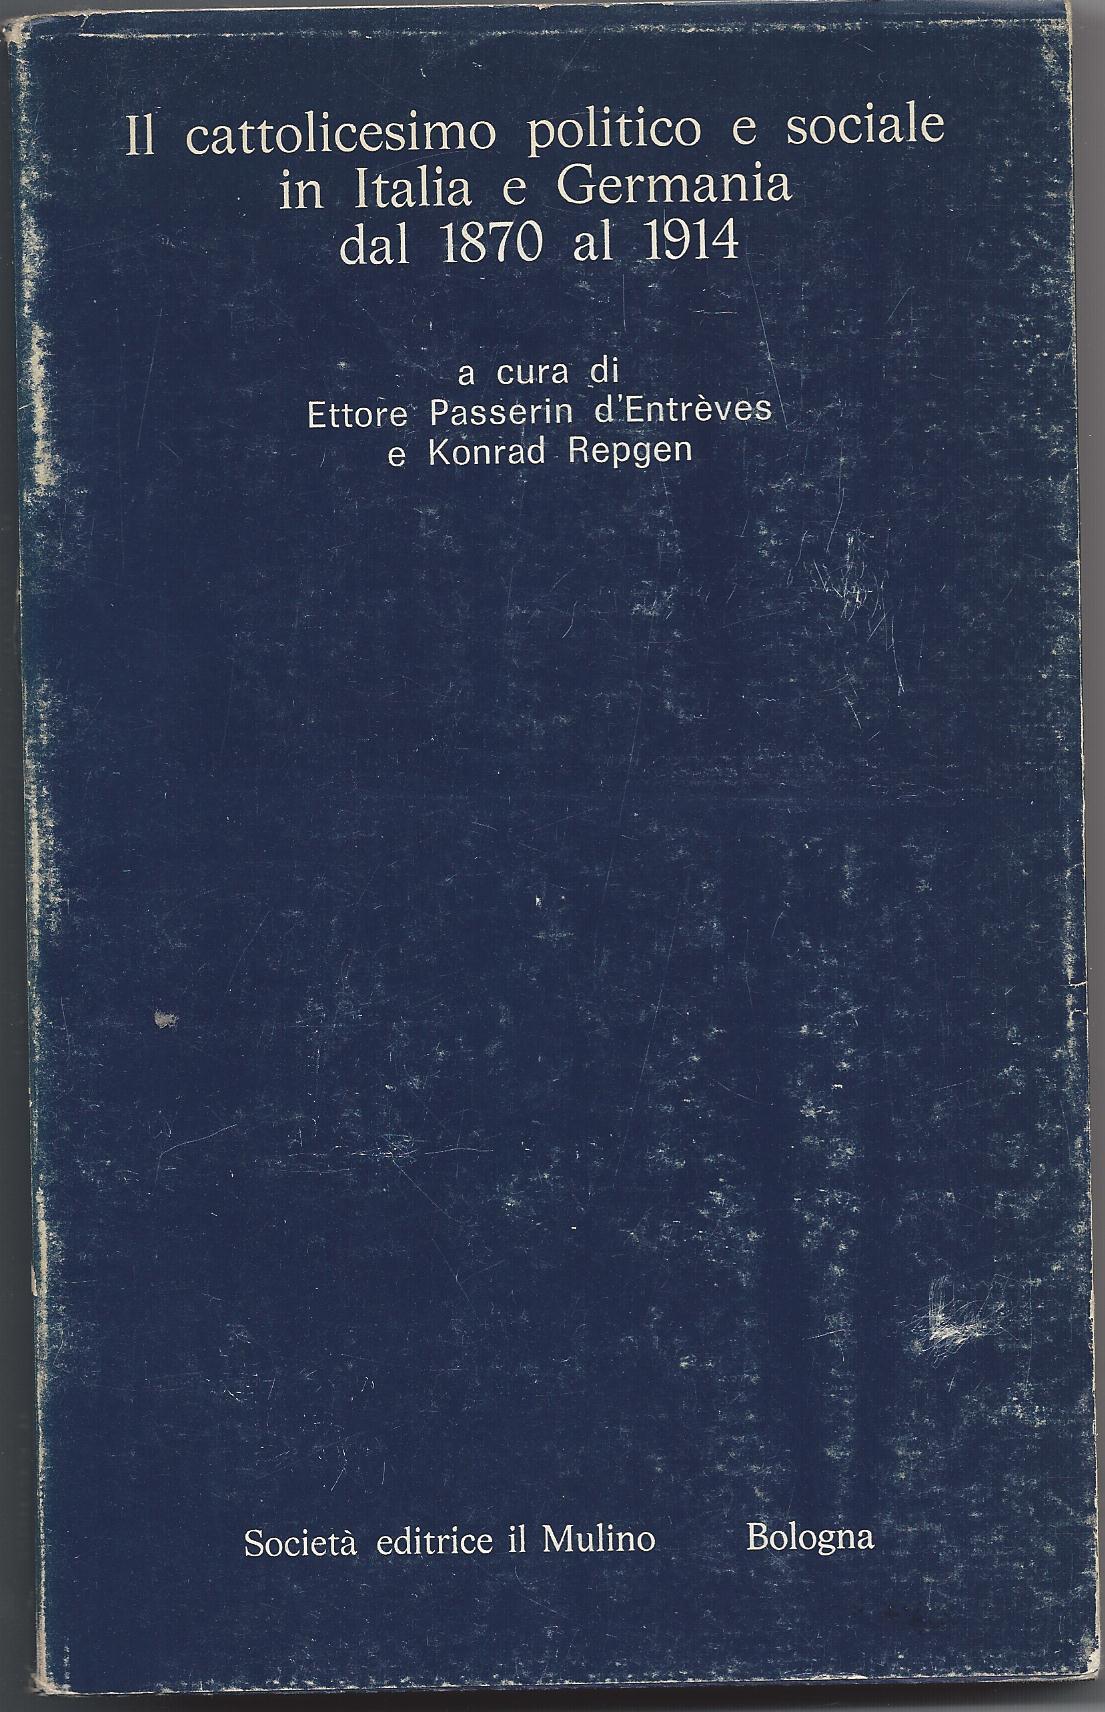 Il cattolicesimo politico e sociale in Italia e Germania dal 1870 al 1914